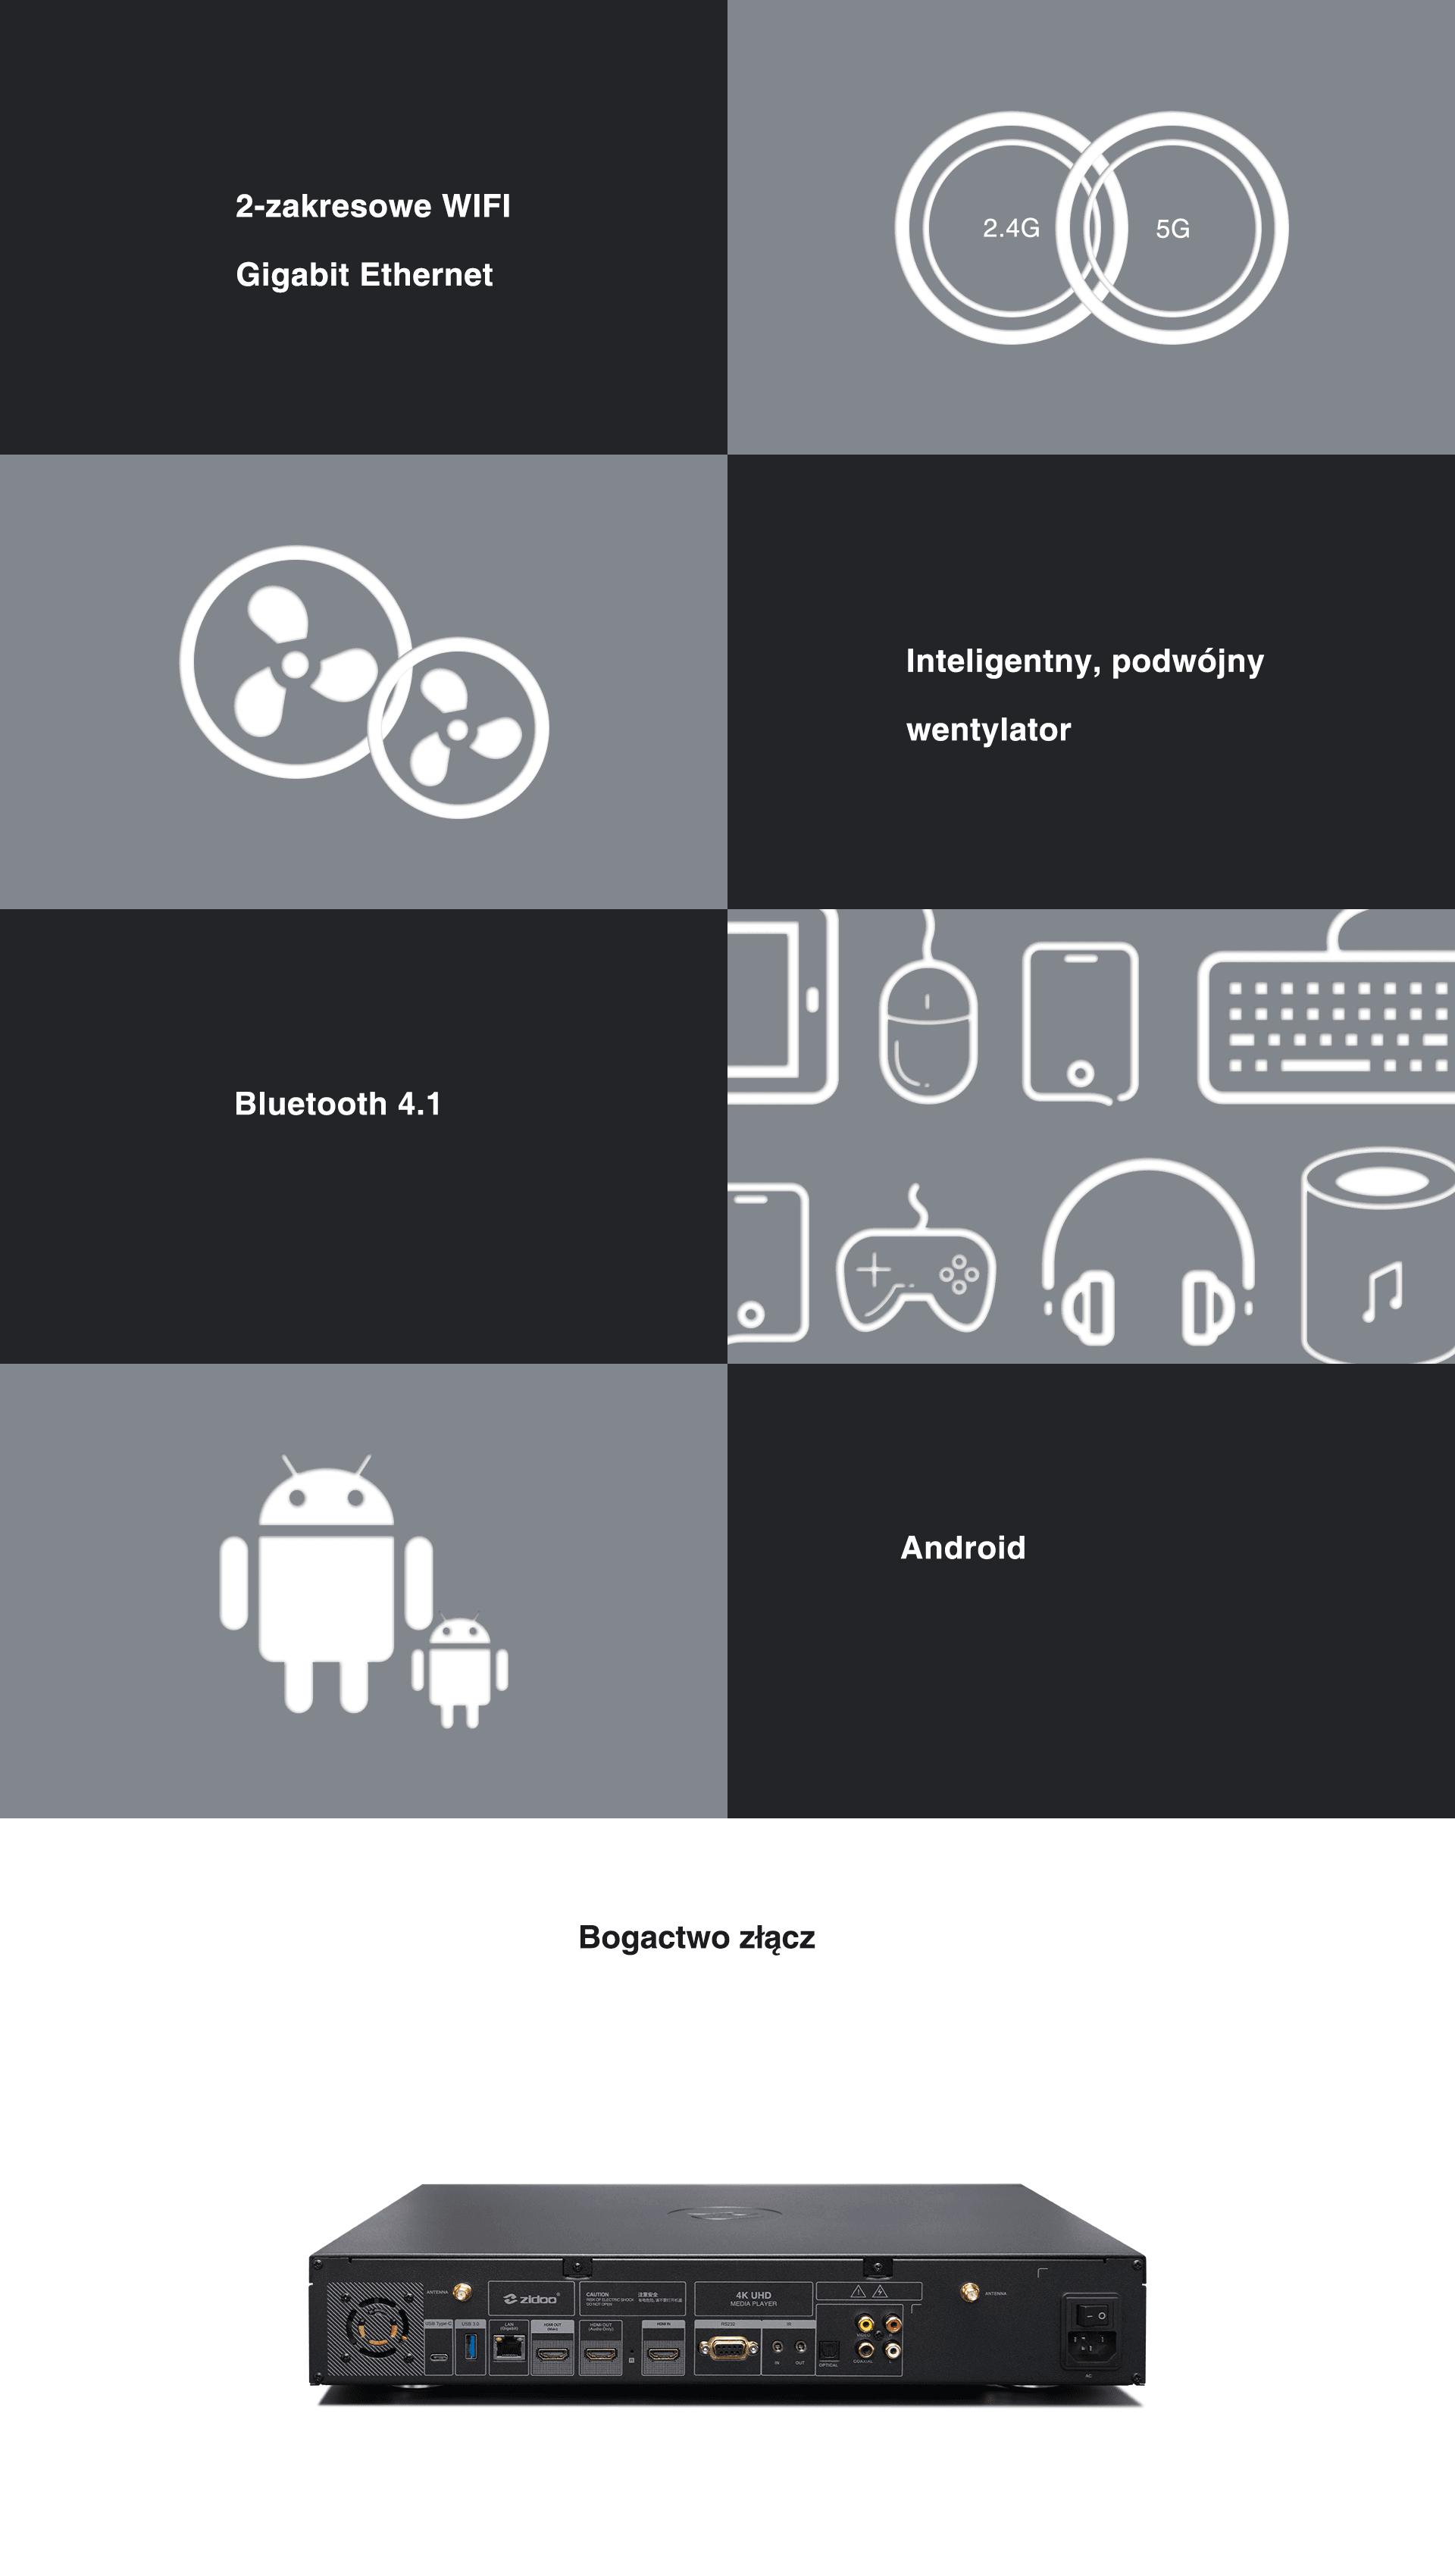 hardware-zidoo-x20